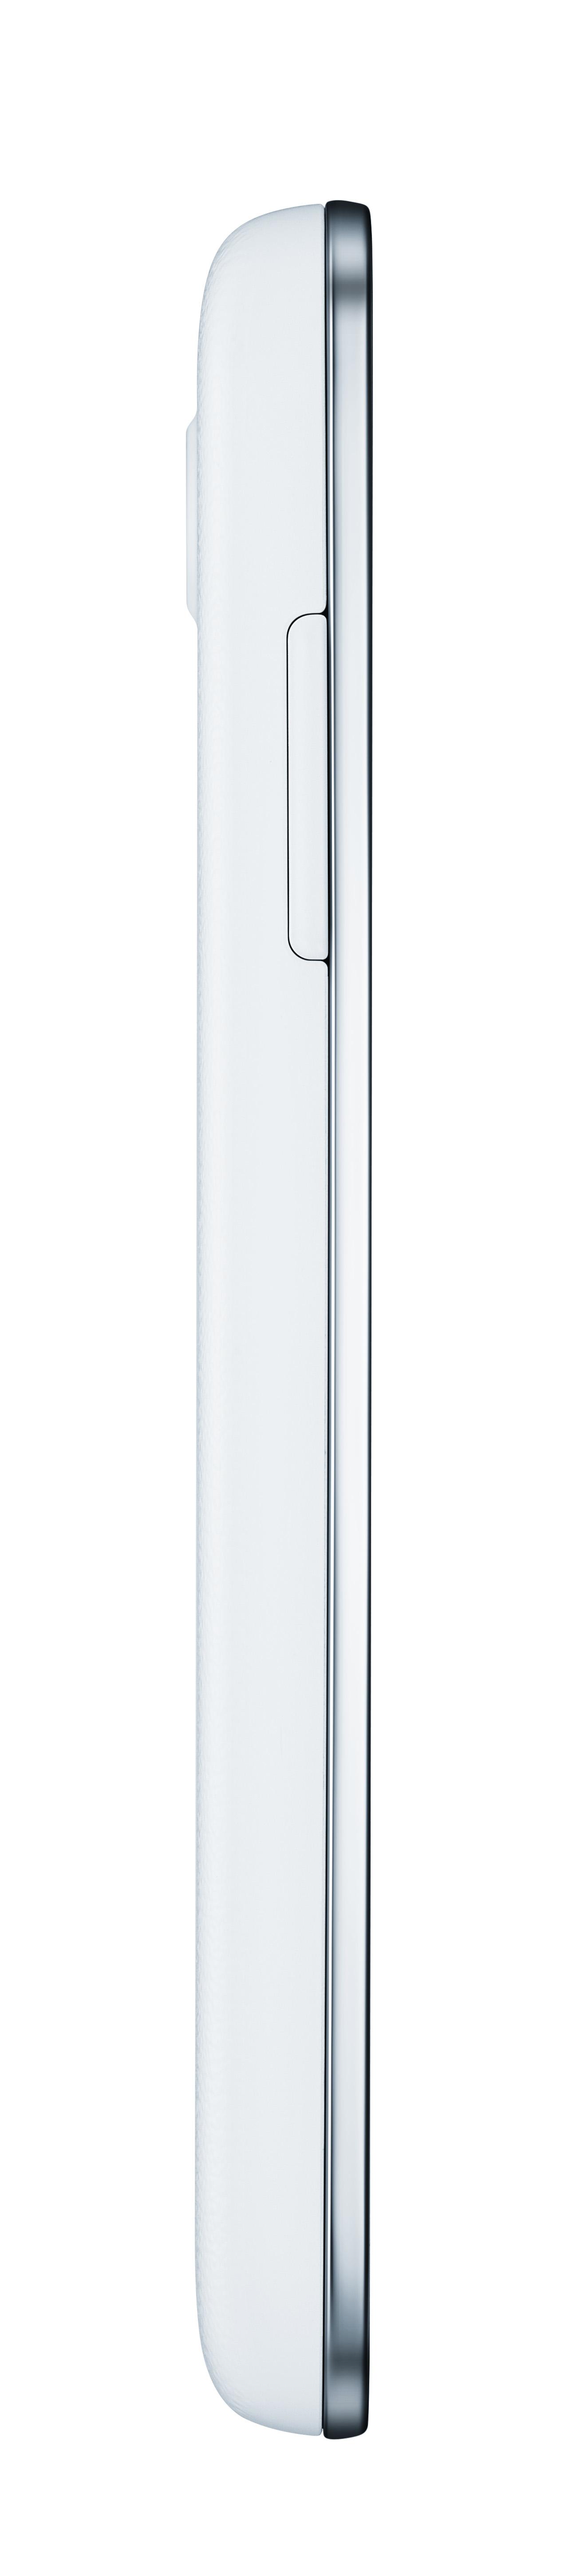 三星SM-G3589W